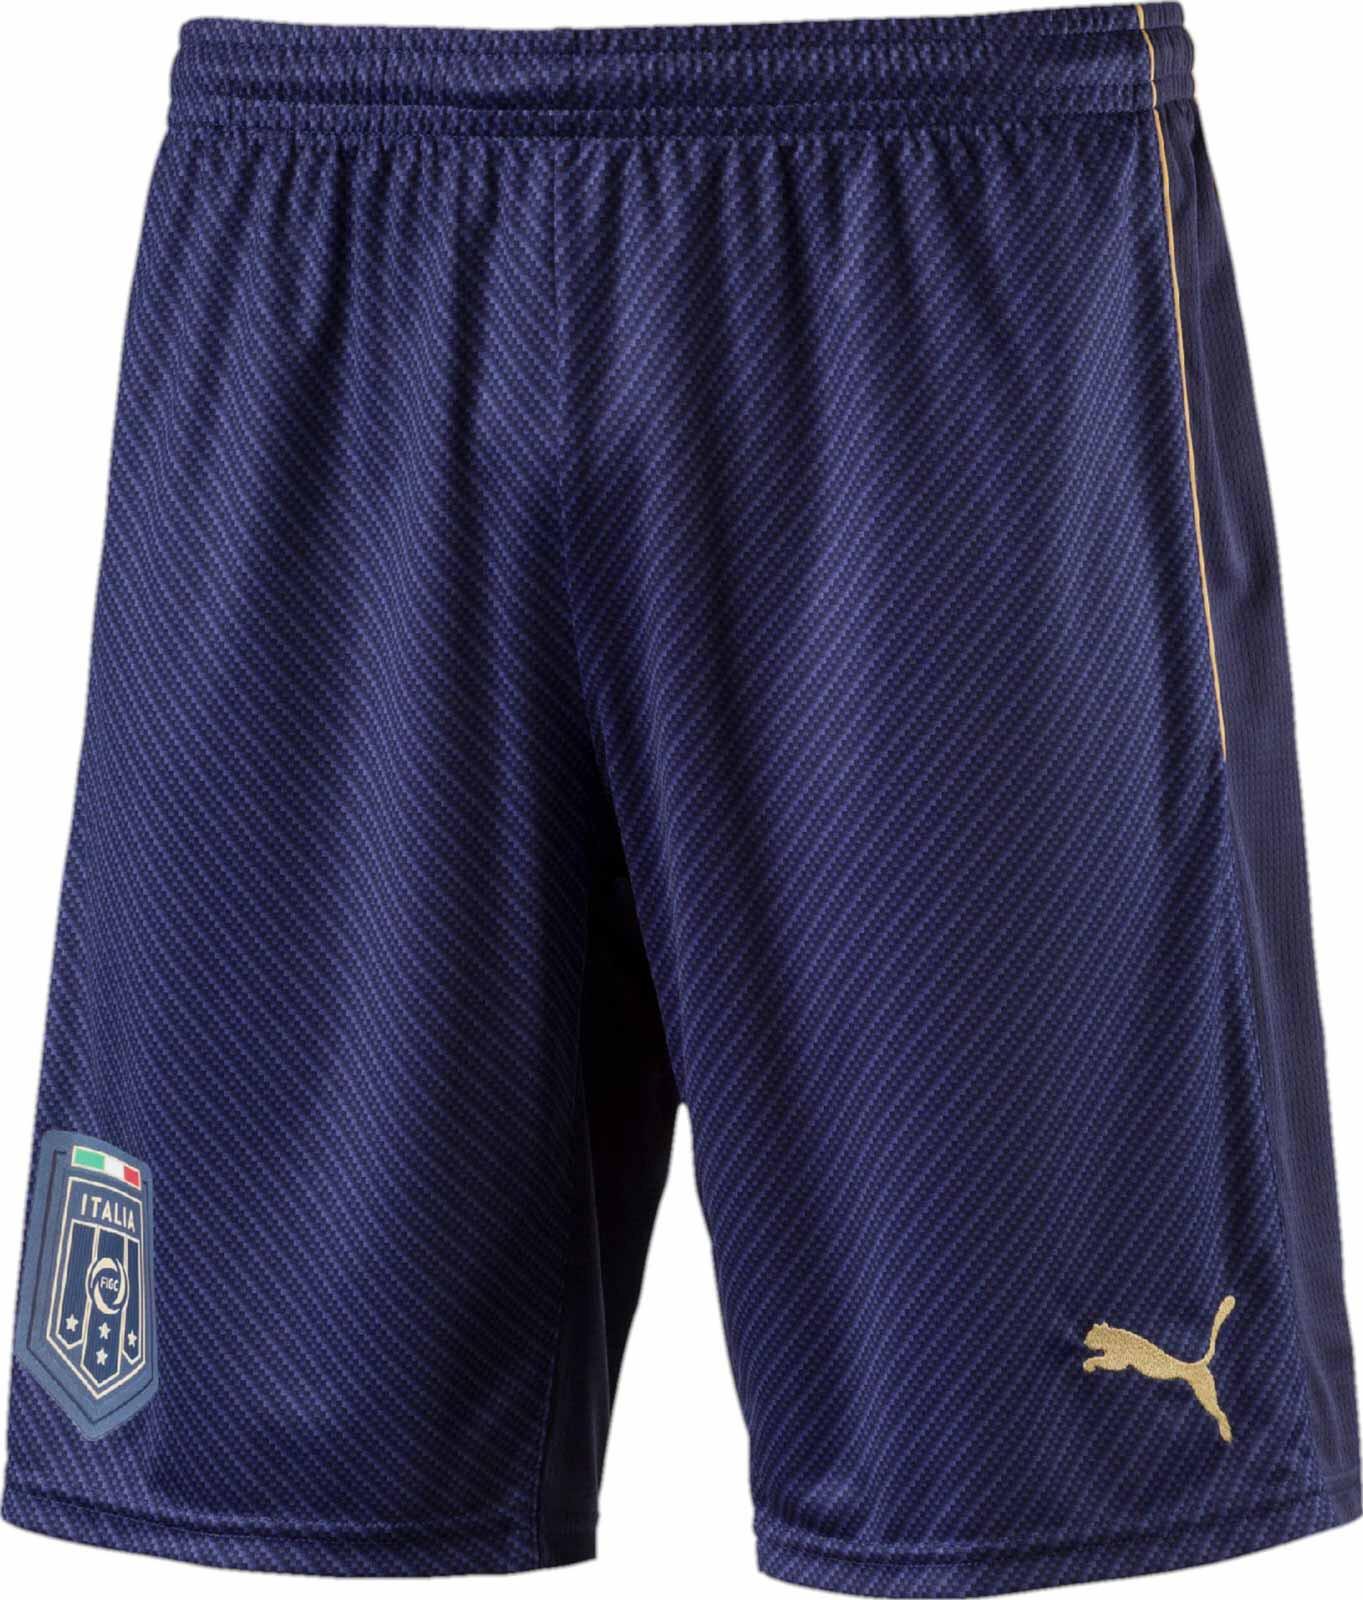 Italy 2016/17 Away Shorts